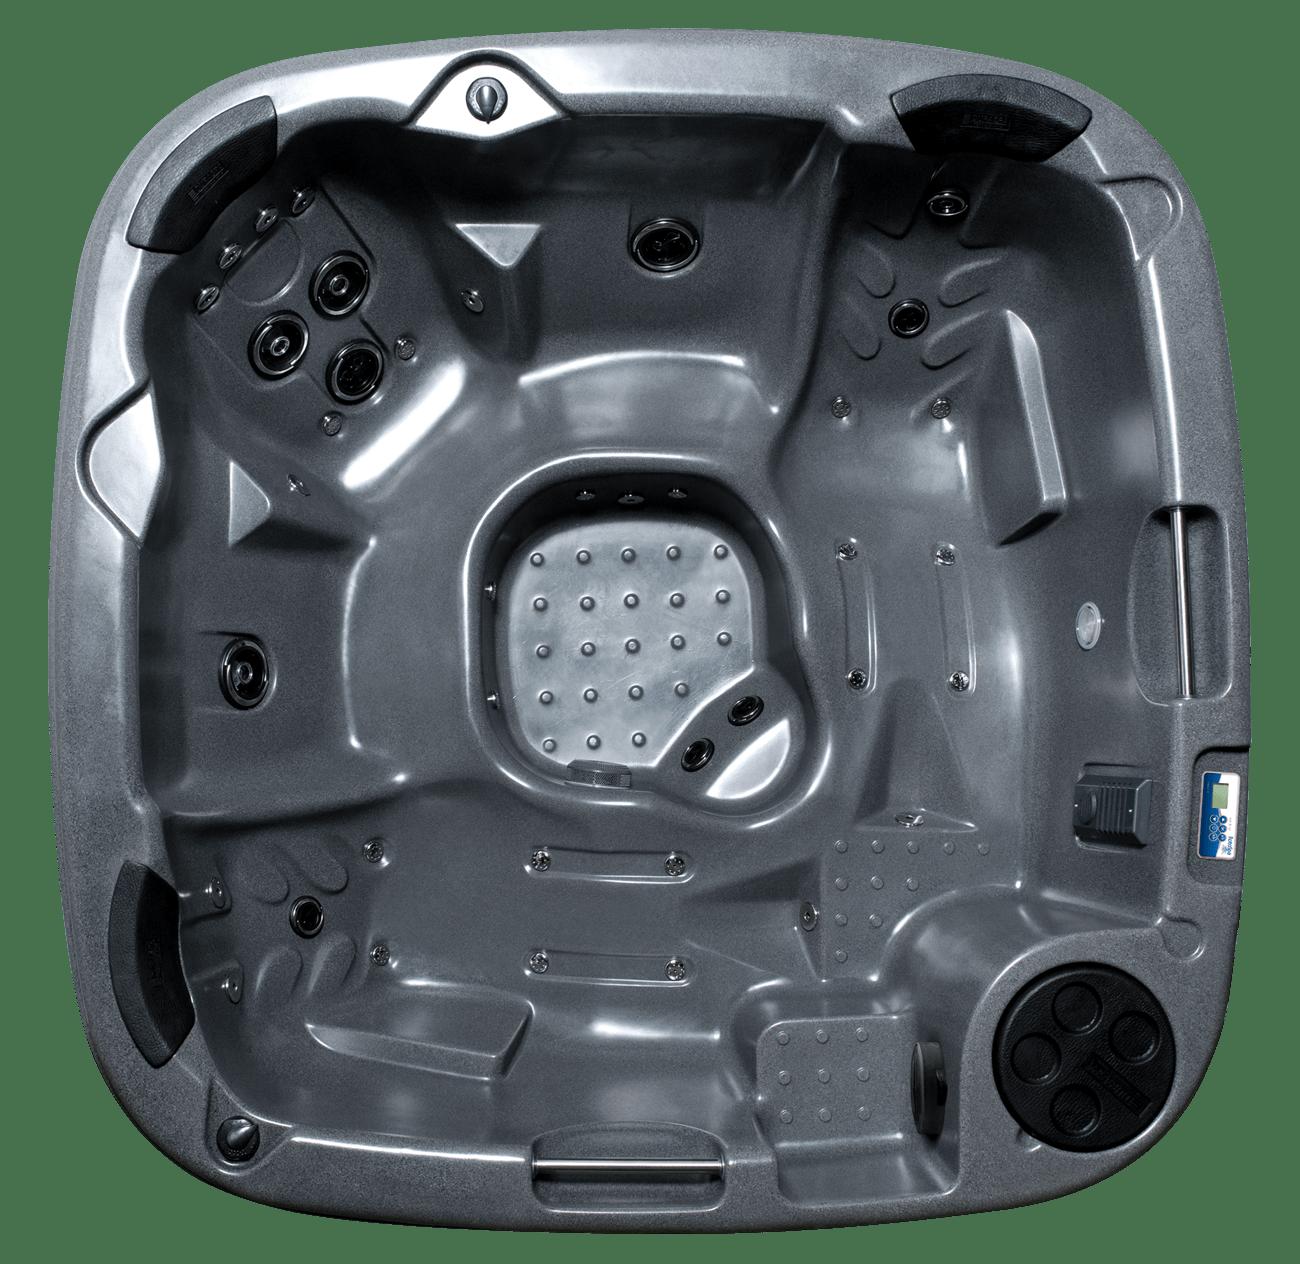 The DuraSpa S380 Hot Tub